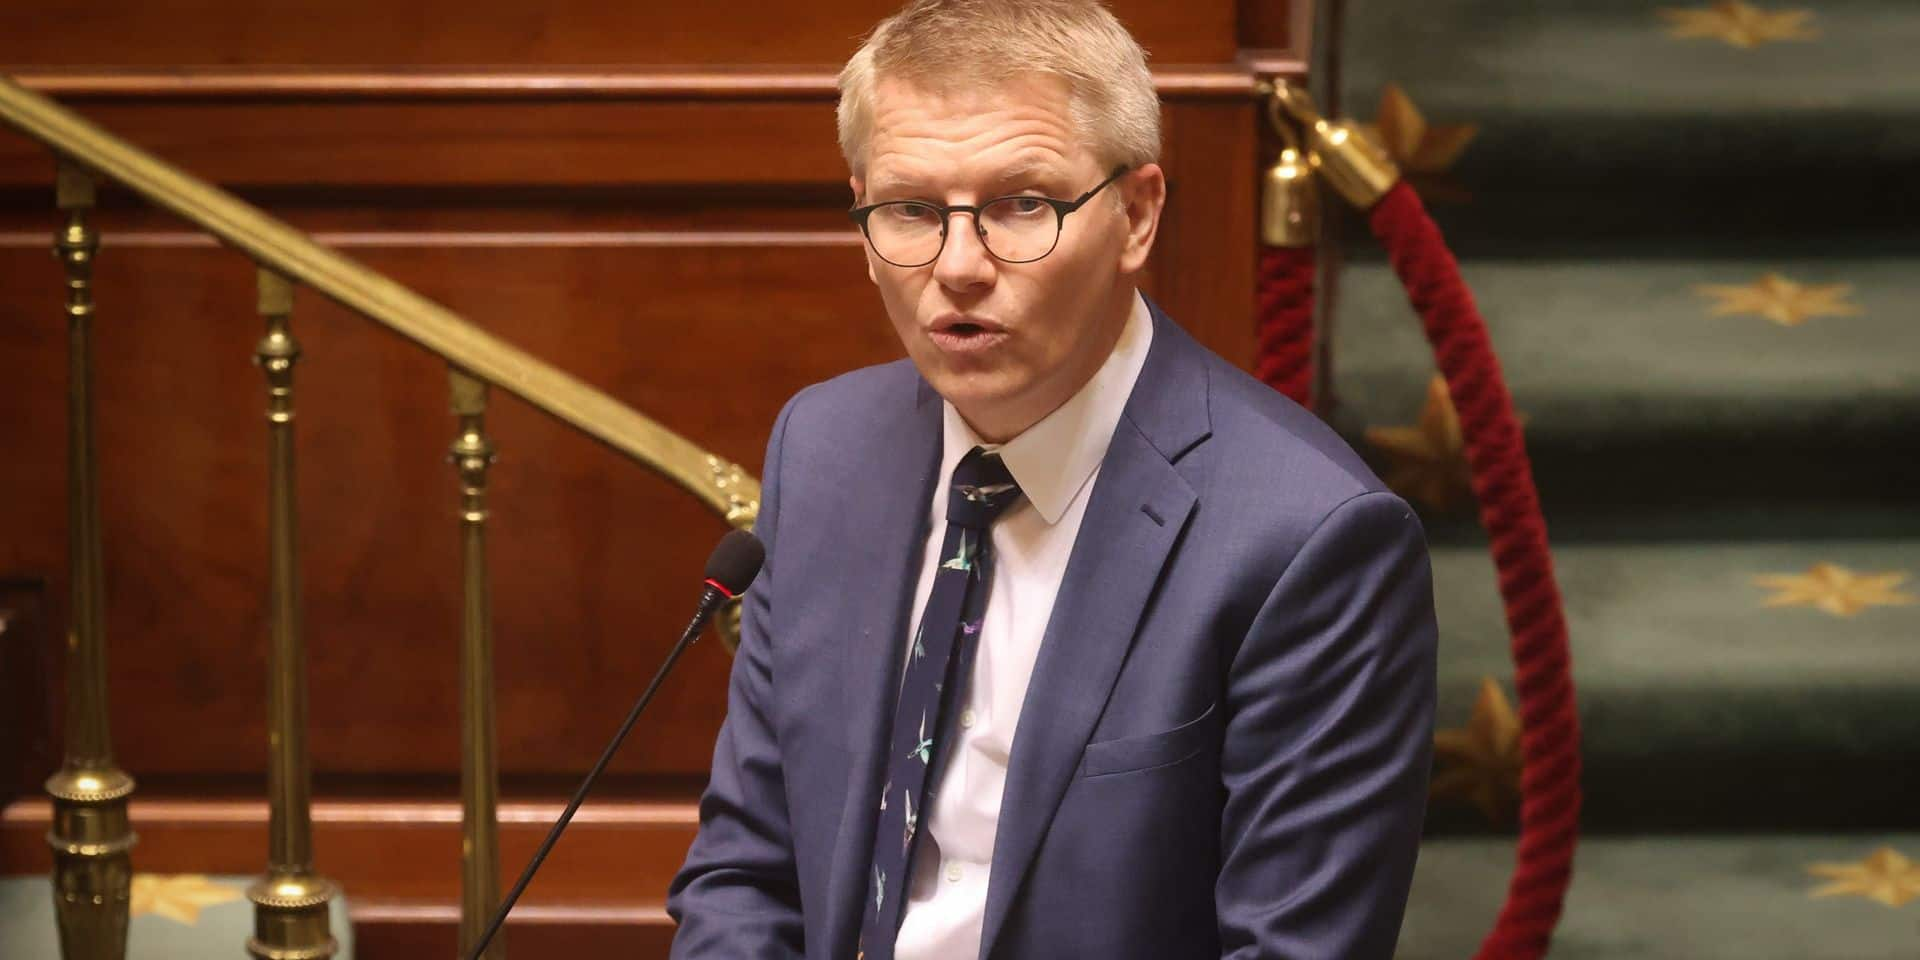 """Le gouvernement wallon se positionne sur le dossier polémique des guichets : """"La décision de la SNCB nous préoccupe"""""""